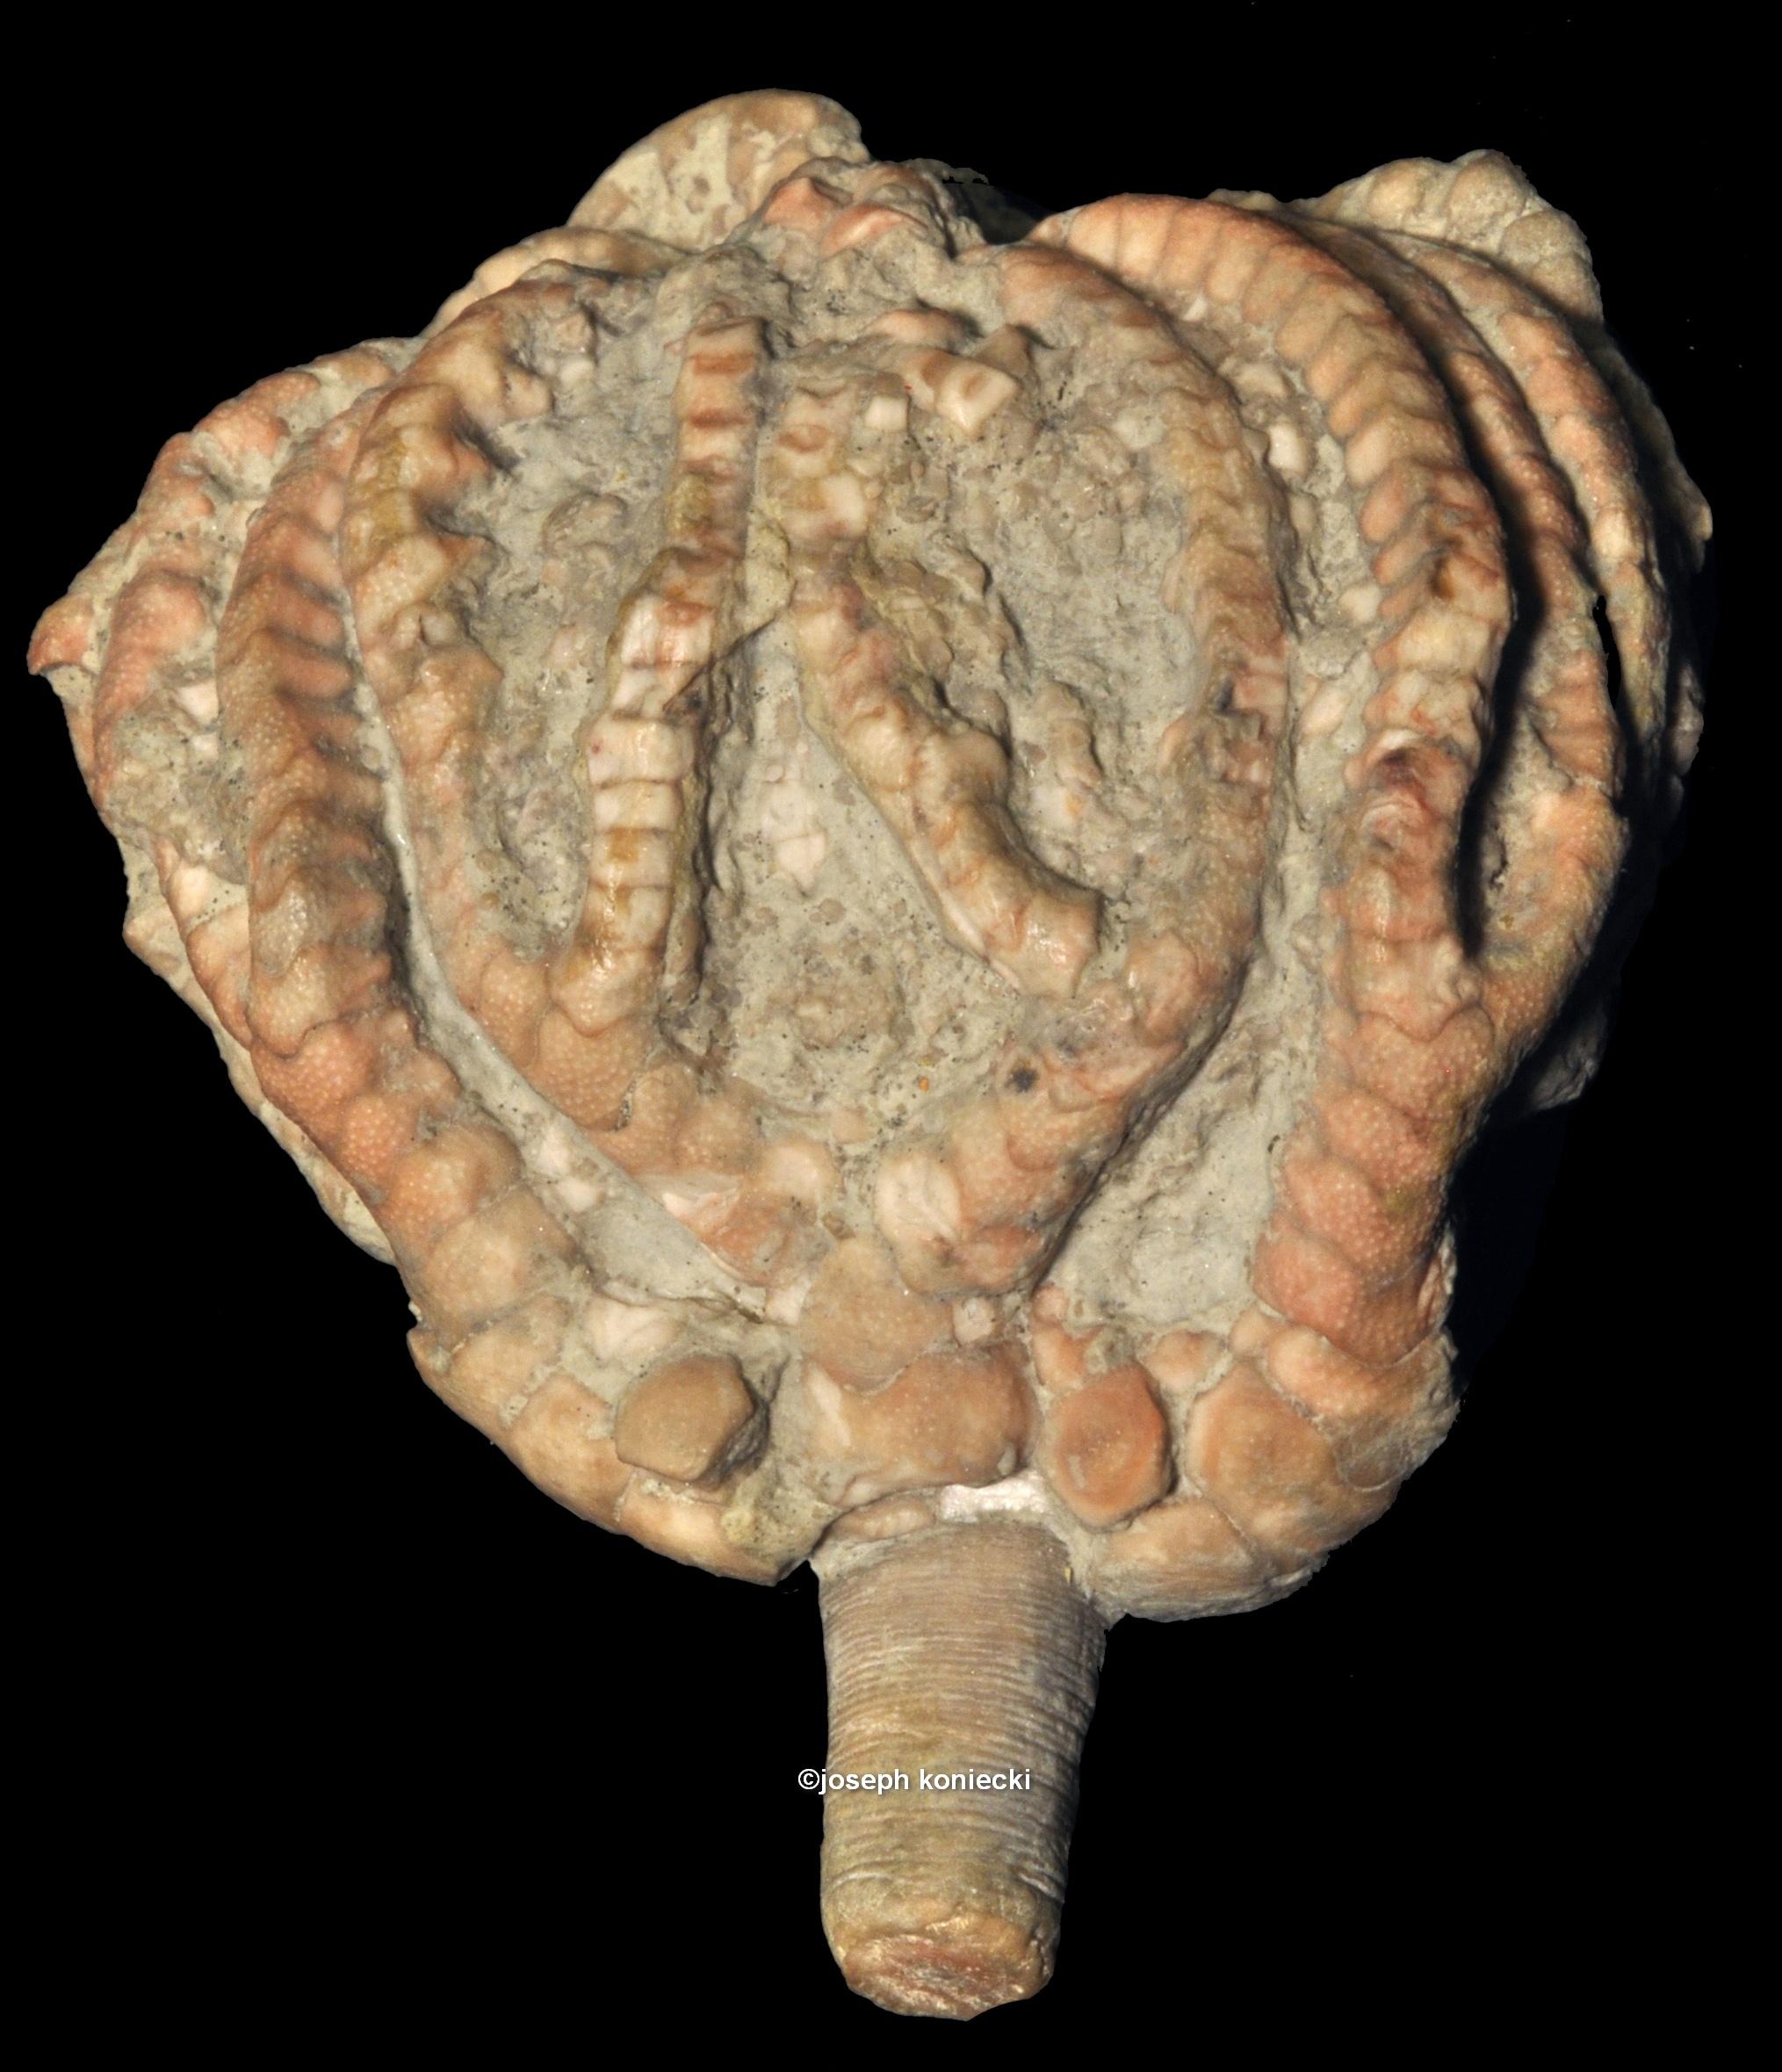 Euonychocrinus